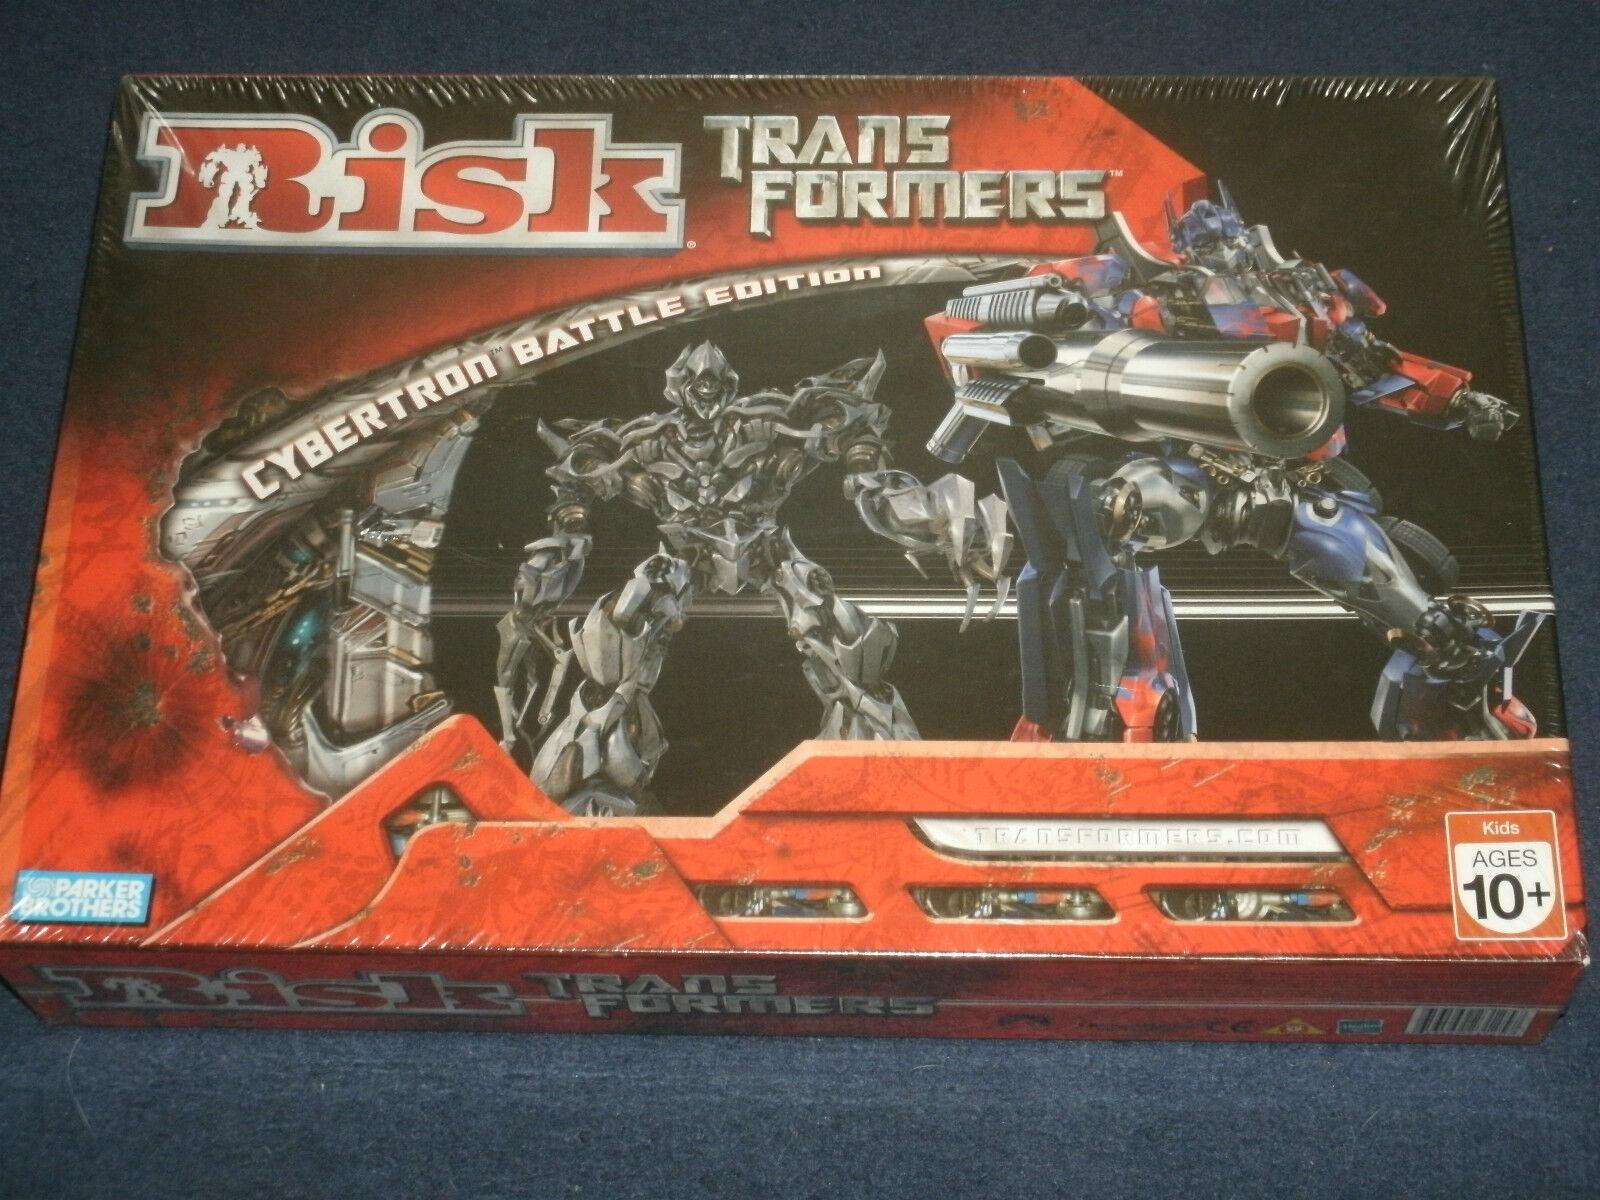 RISK  Transformers 'Cybertron Battle Edition'  Parker Bros. Ages 10+ Megatron